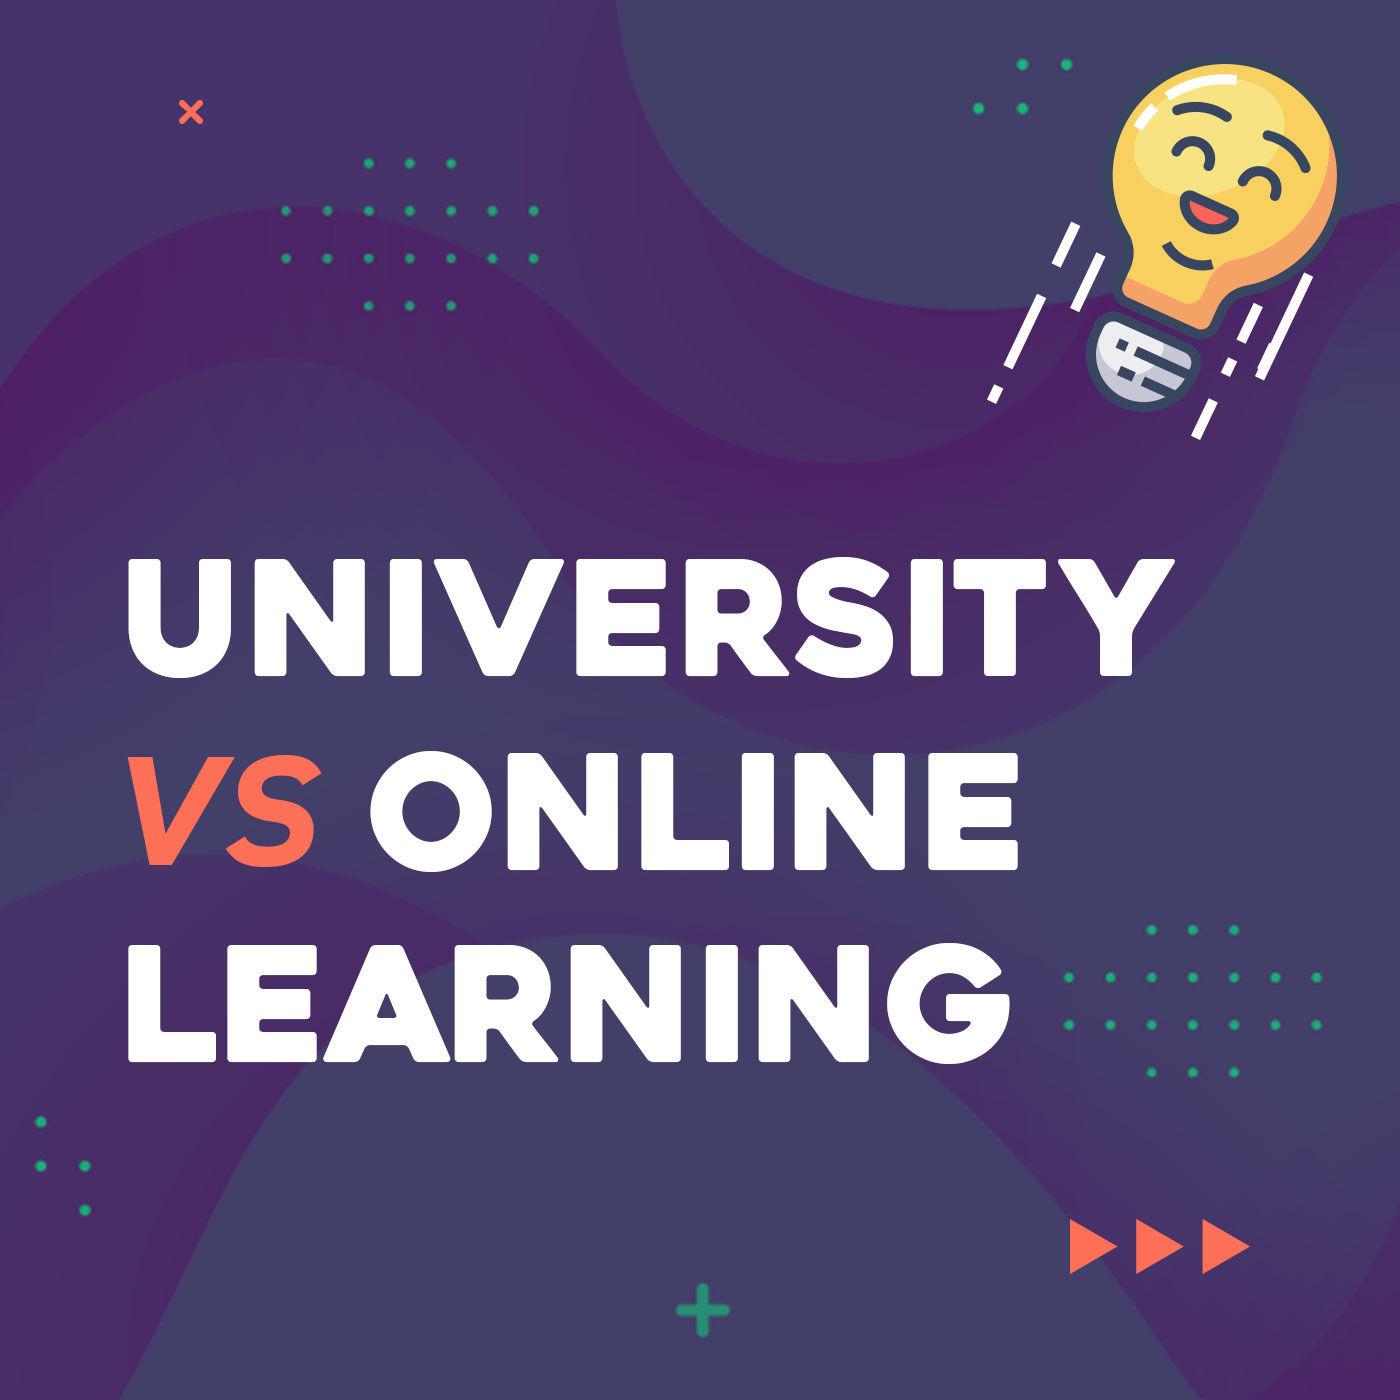 #01 University vs Online Learning